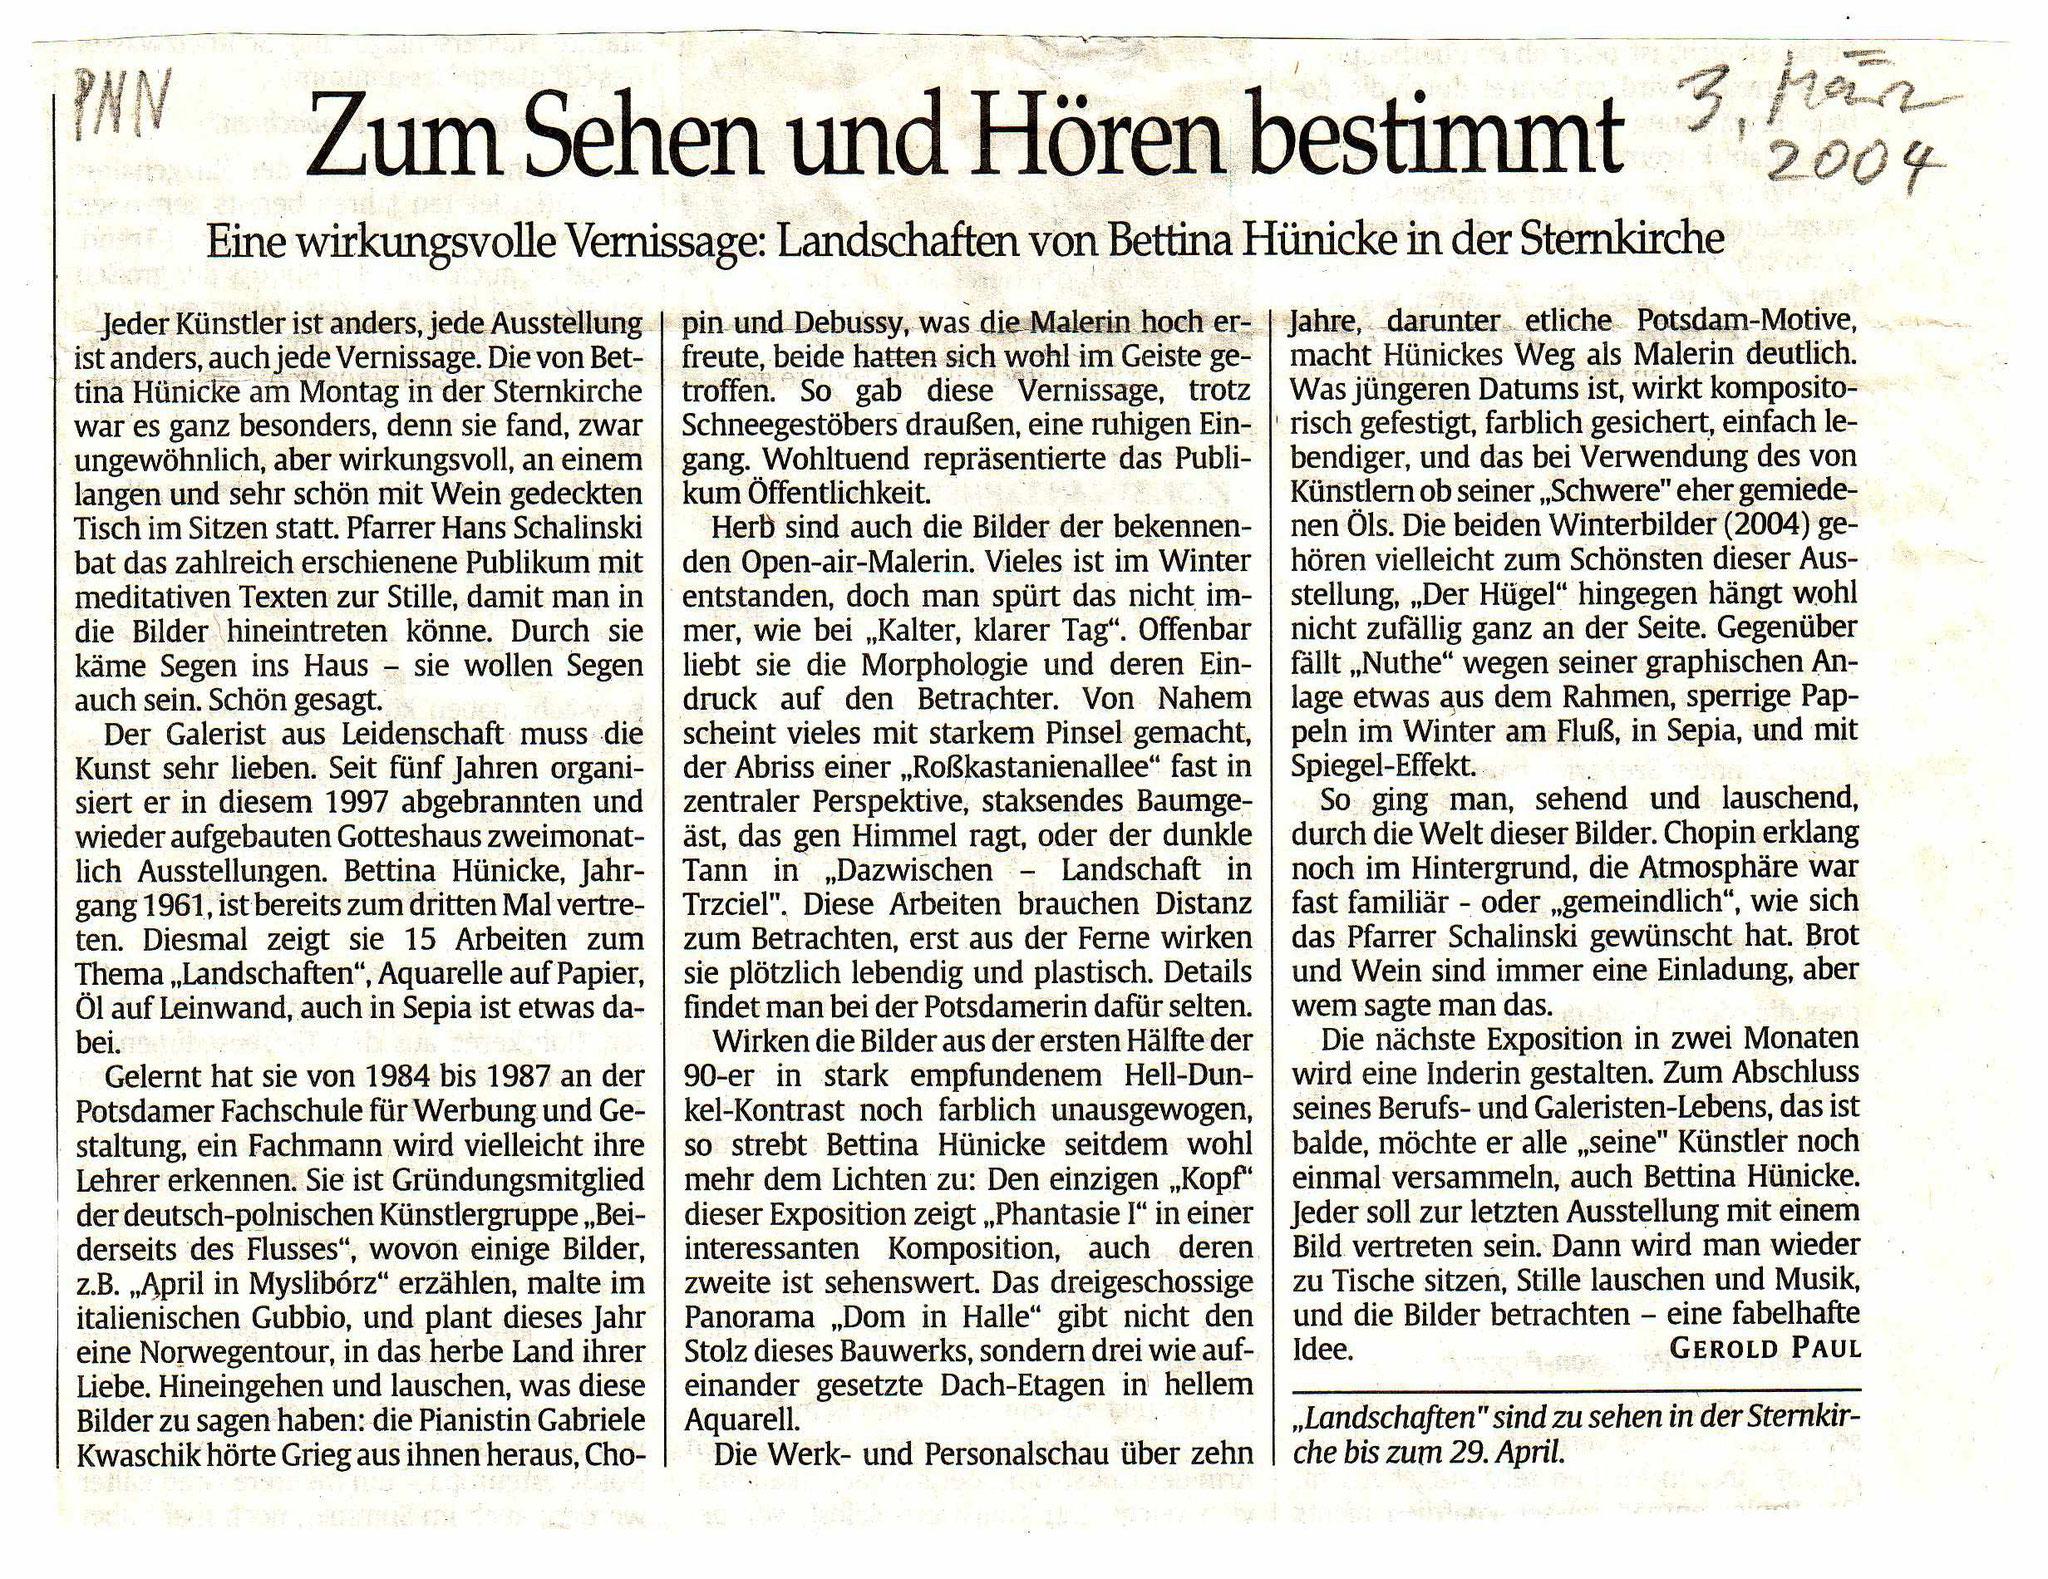 März 2004: Zum Sehen und Hören bestimmt PNN, Rezension von Gerold Paul